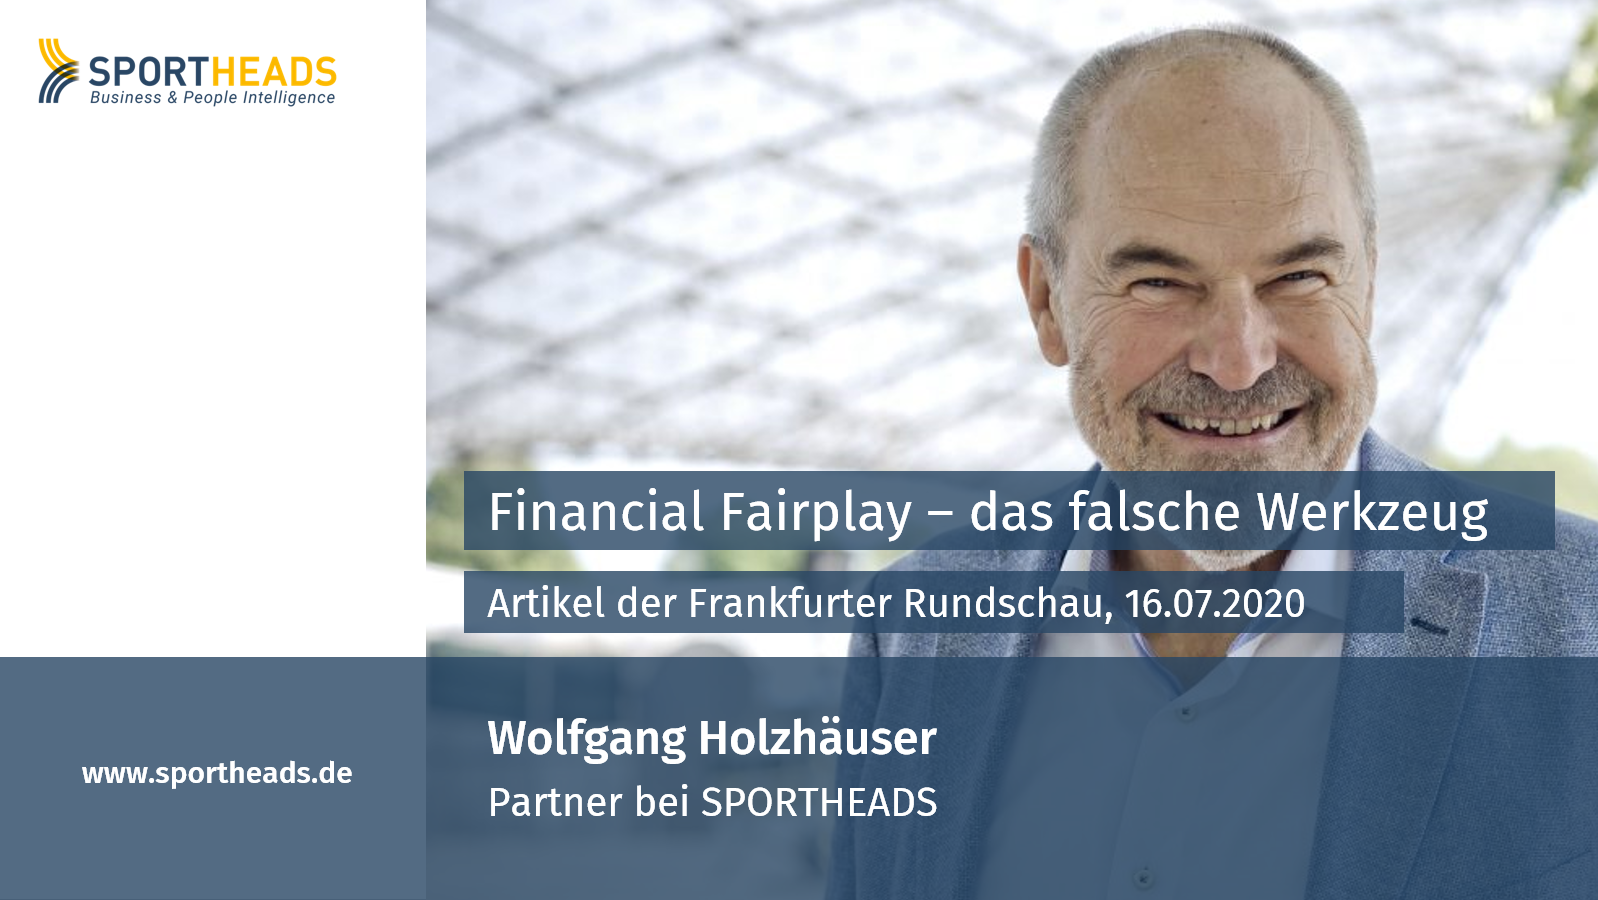 """Financial Fairplay: """"Das falsche Werkzeug"""" – ein Artikel mit Wolfgang Holzhäuser"""